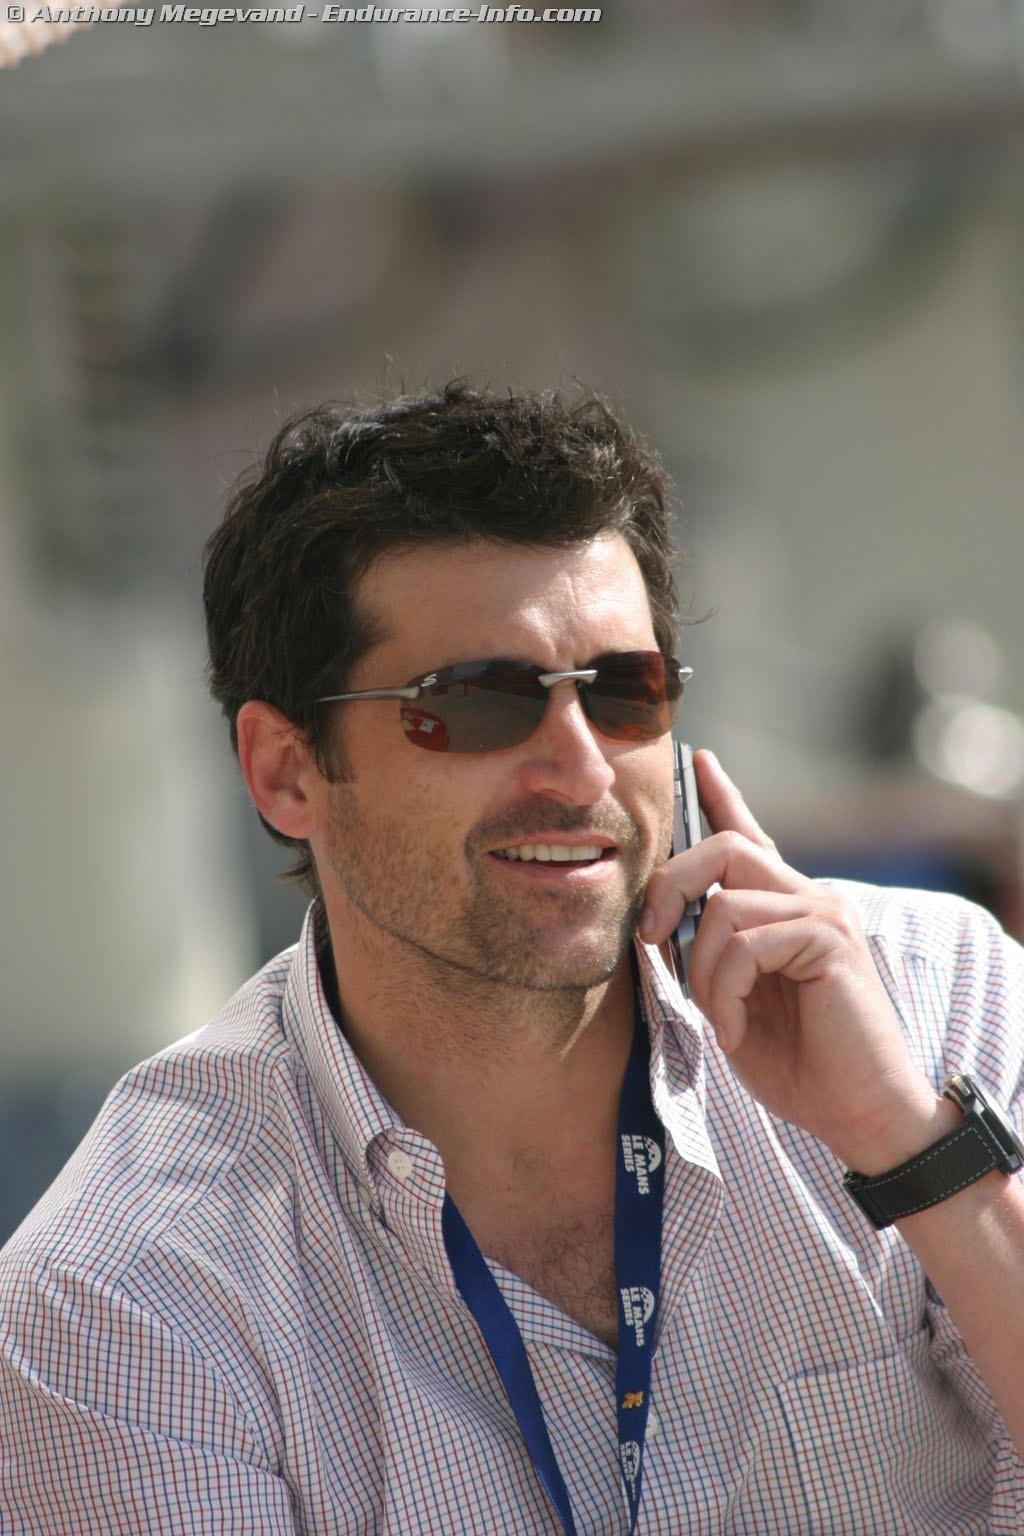 Patrick at Bugatti - patrick-dempsey photo